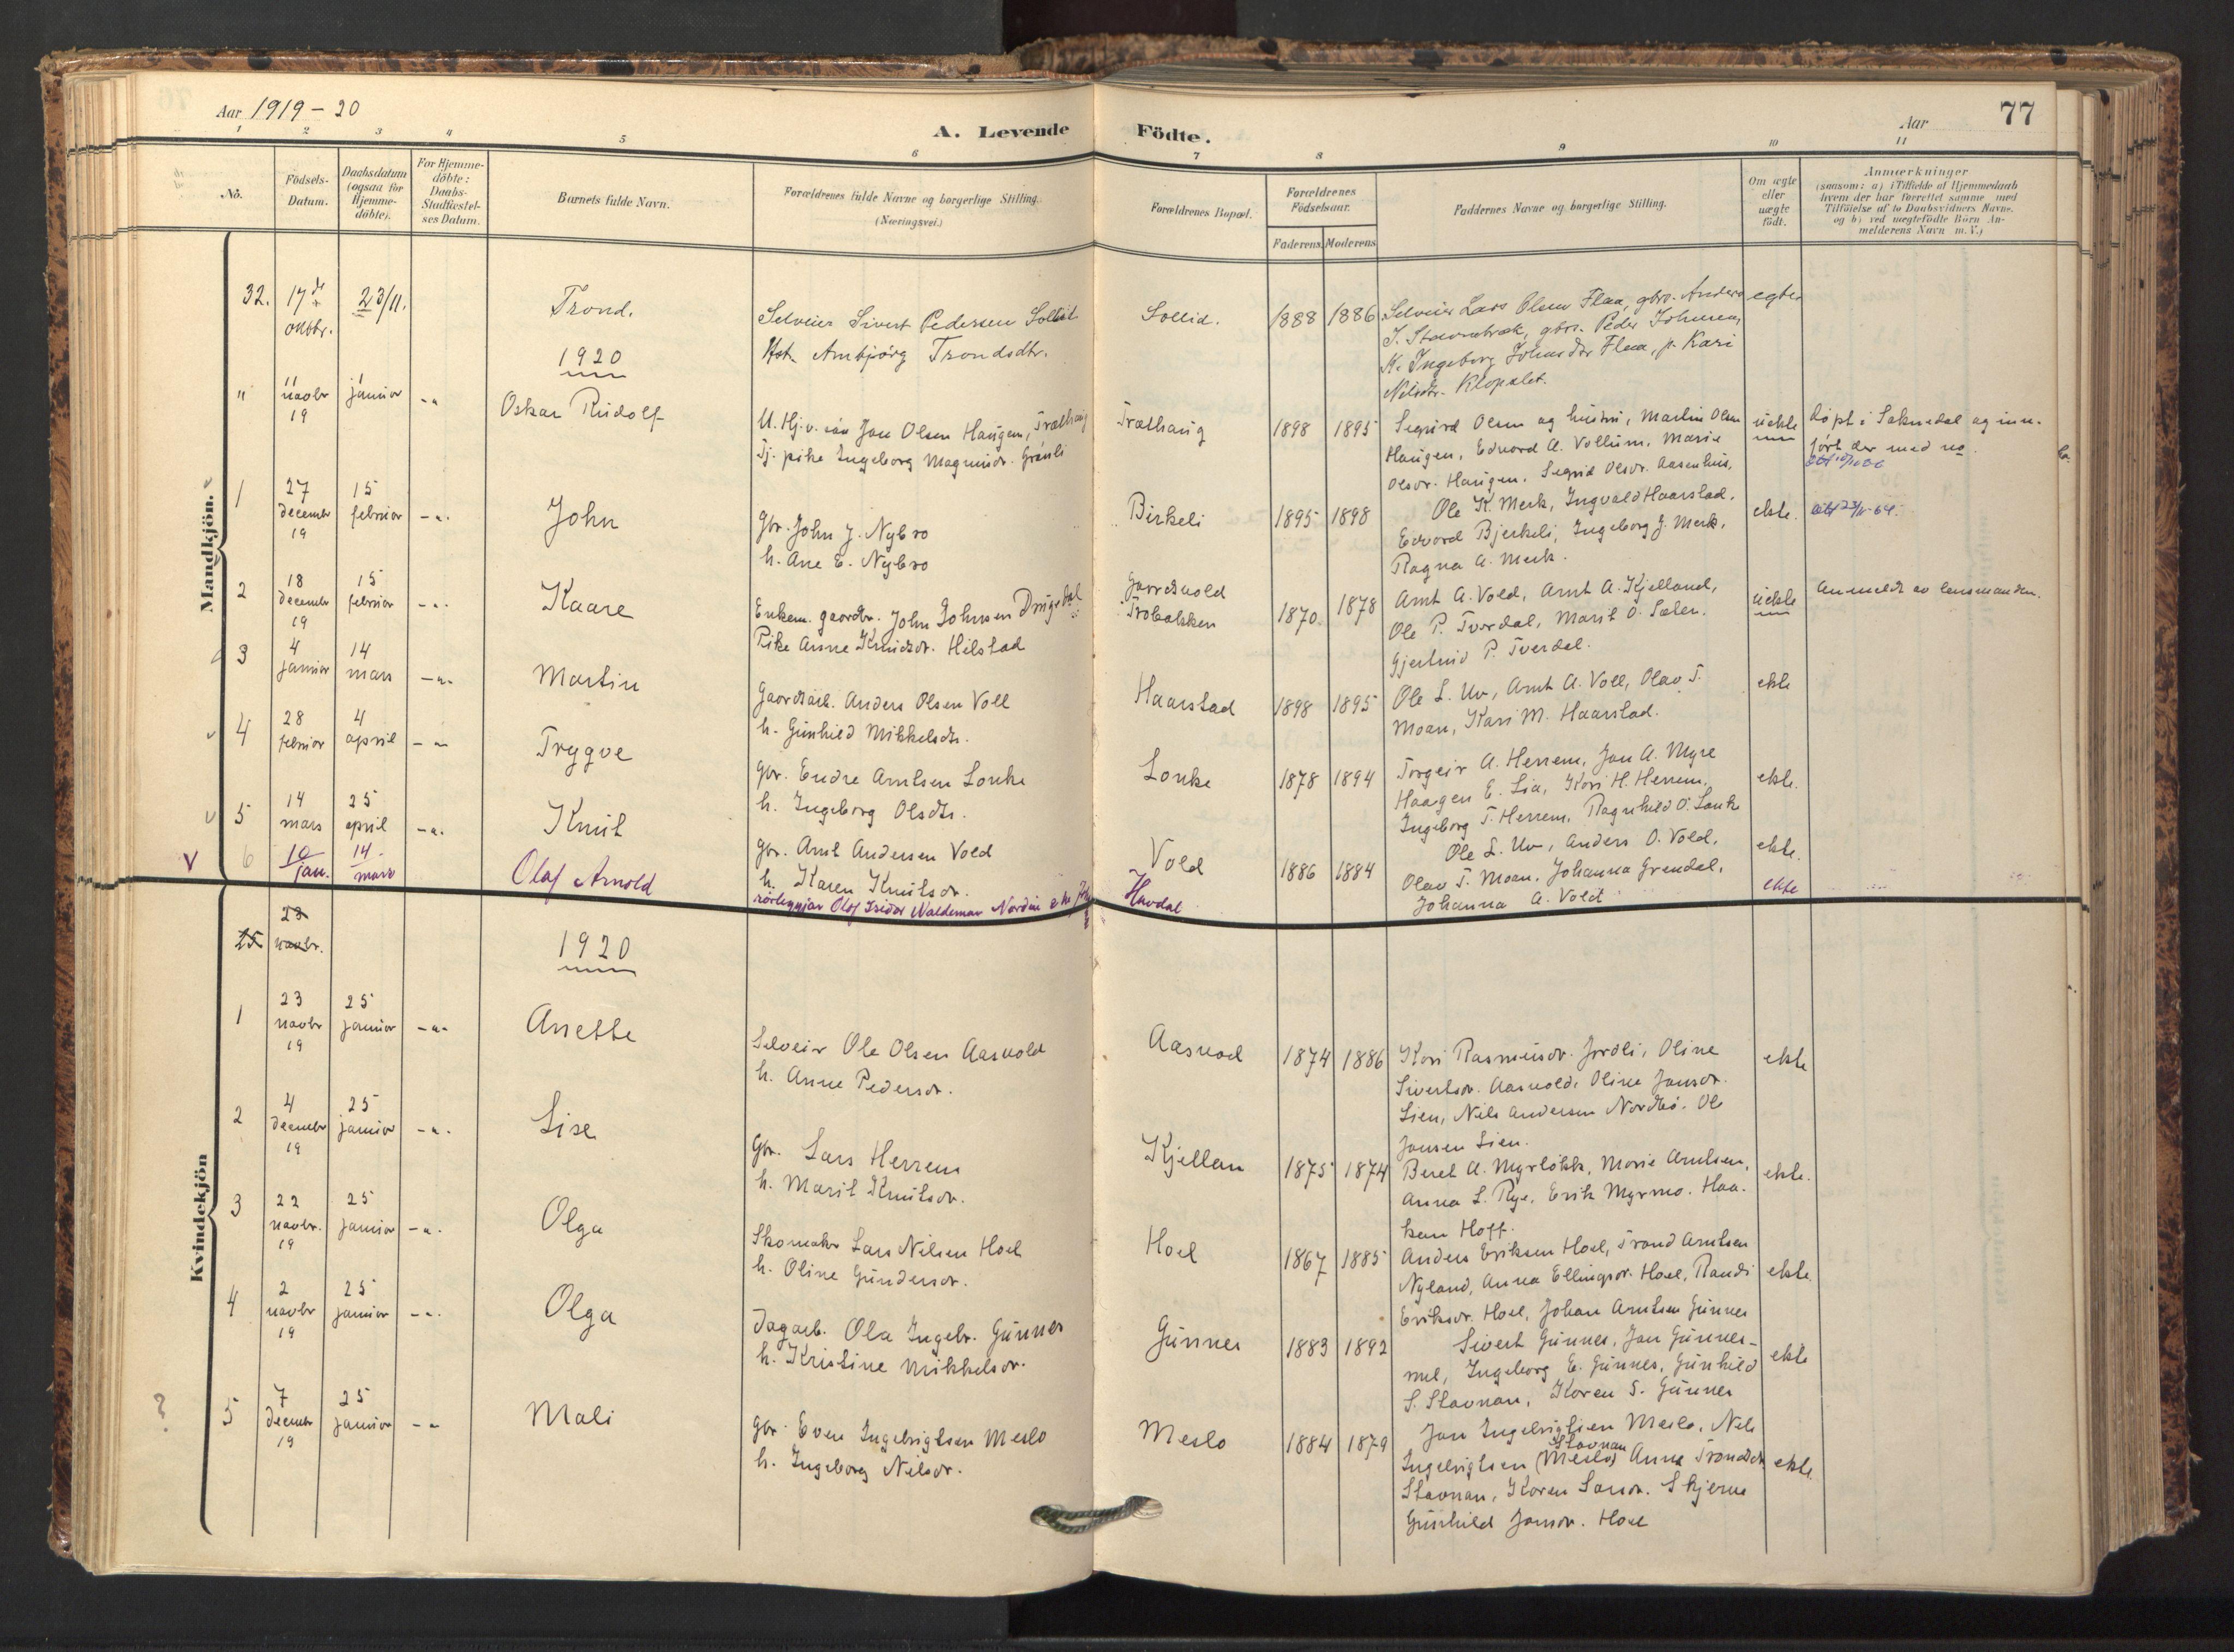 SAT, Ministerialprotokoller, klokkerbøker og fødselsregistre - Sør-Trøndelag, 674/L0873: Ministerialbok nr. 674A05, 1908-1923, s. 77